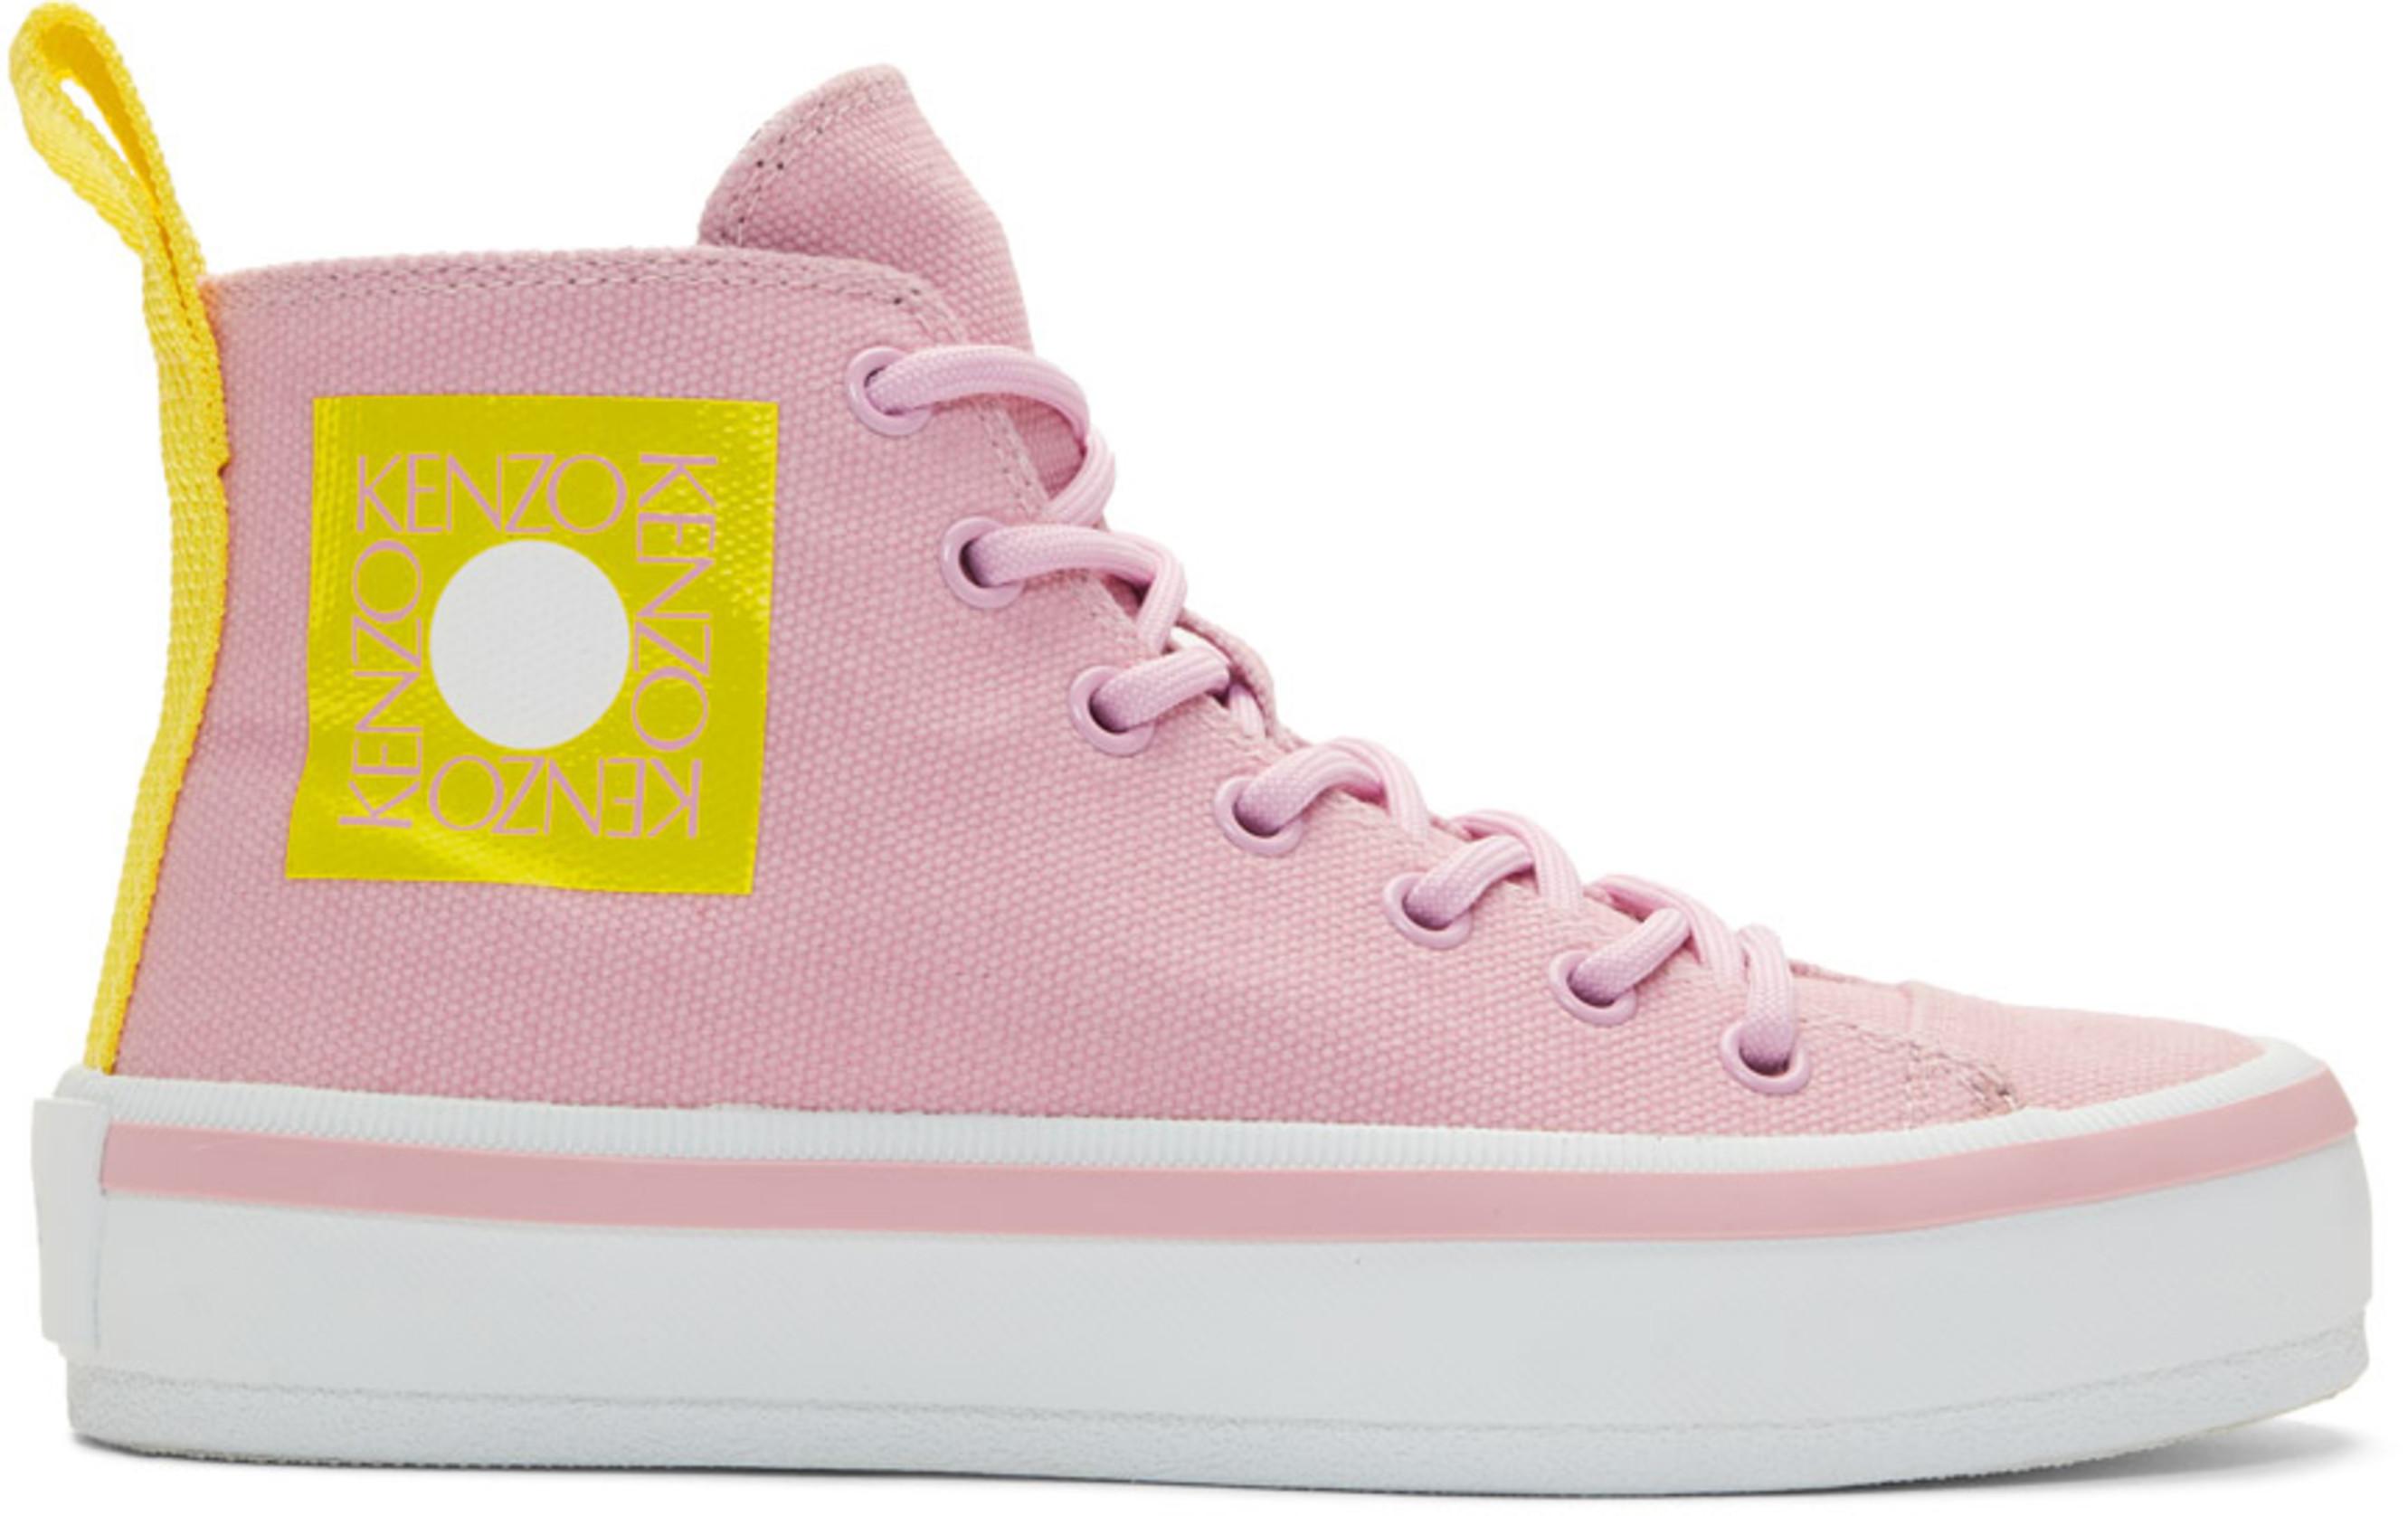 807e3877348 Kenzo shoes for Women | SSENSE